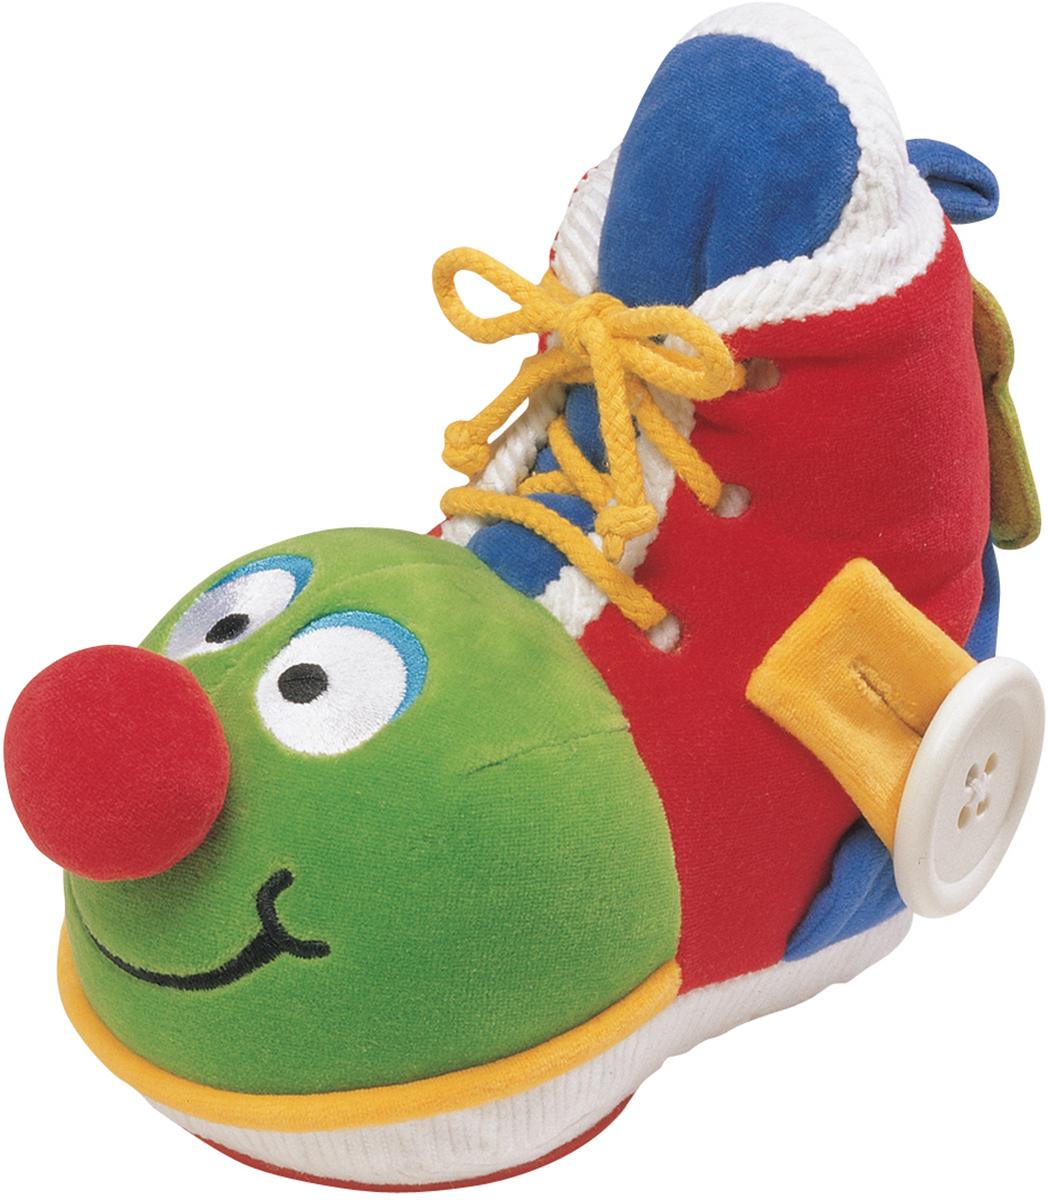 """Развивающая игрушка """"Ботинок с зеркалом"""", K's Kids"""